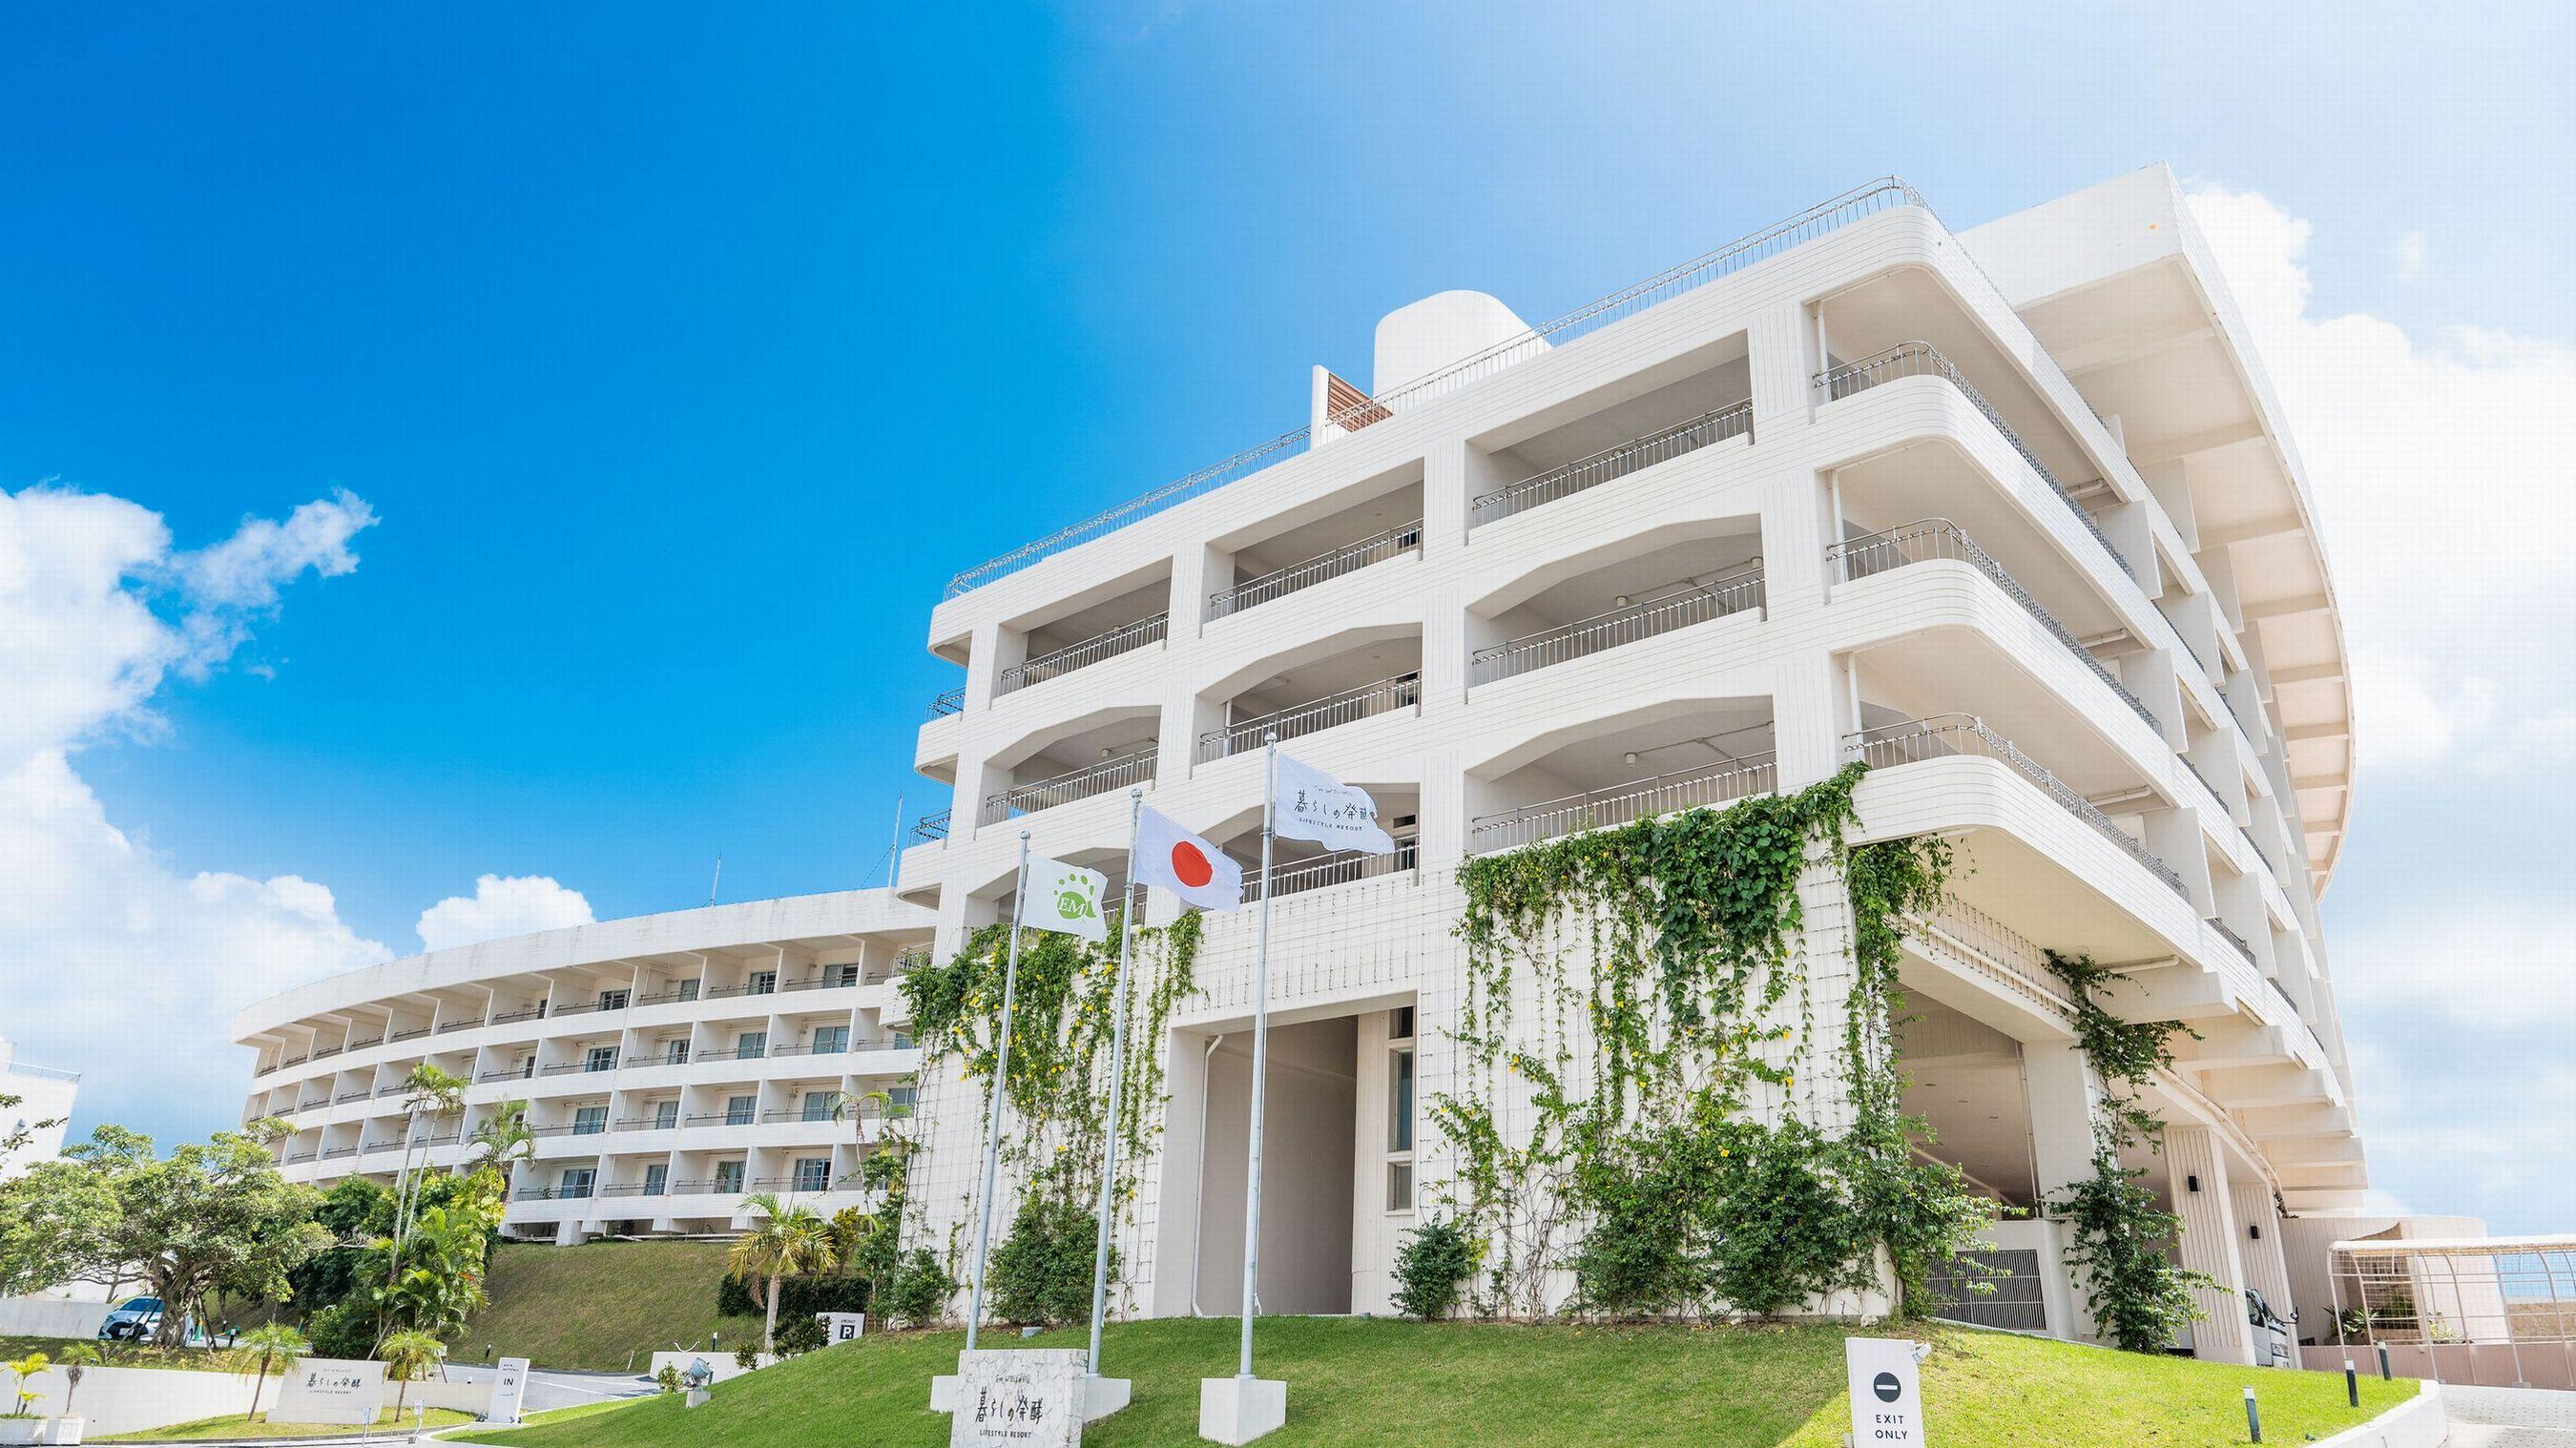 EMウェルネスリゾートコスタビスタ沖縄ホテル&スパ...